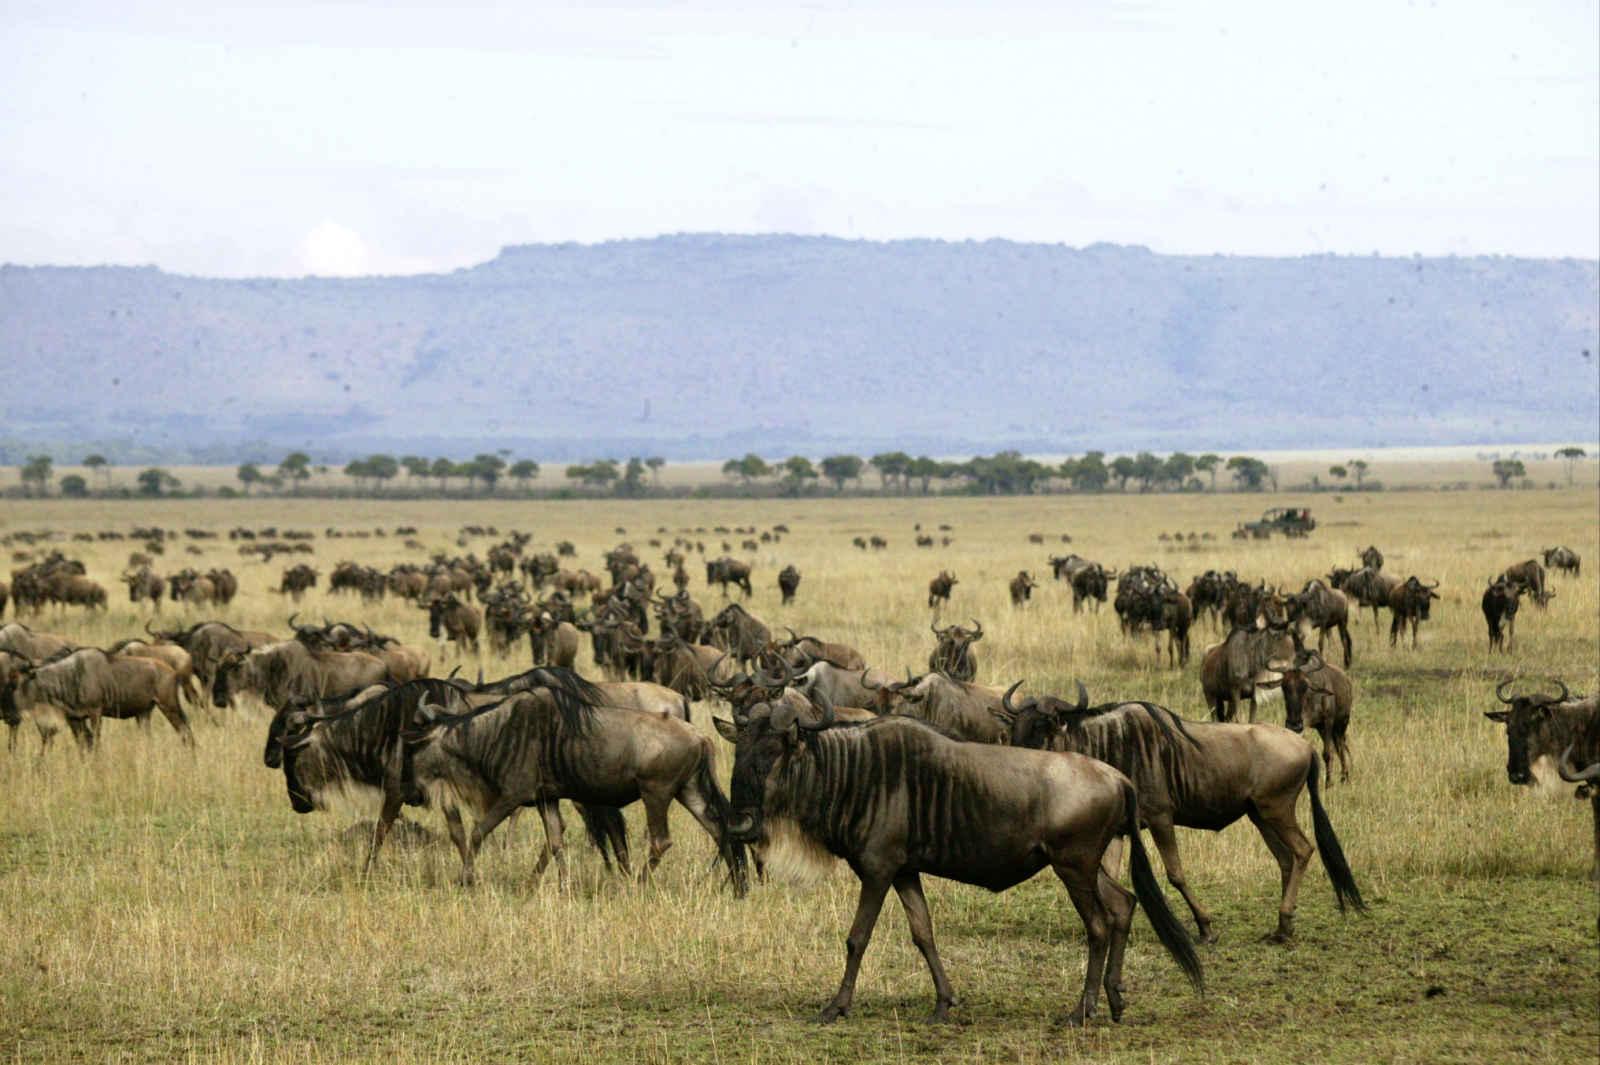 Safari dik dik